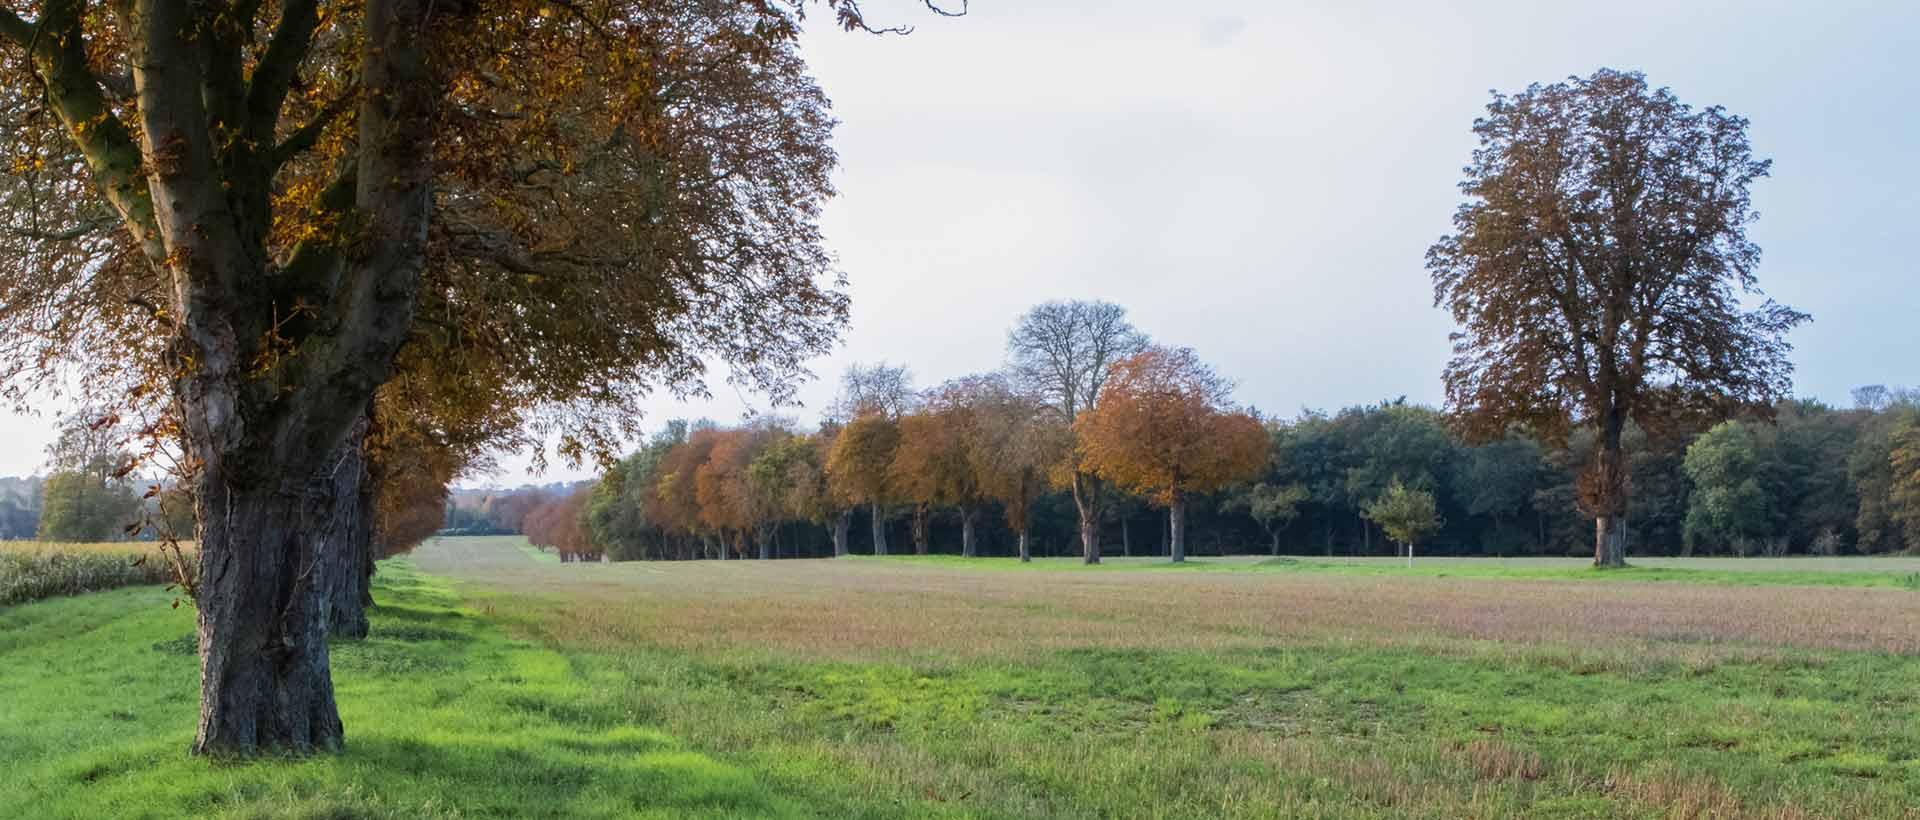 Histopry of Quidenham Estate Shoot